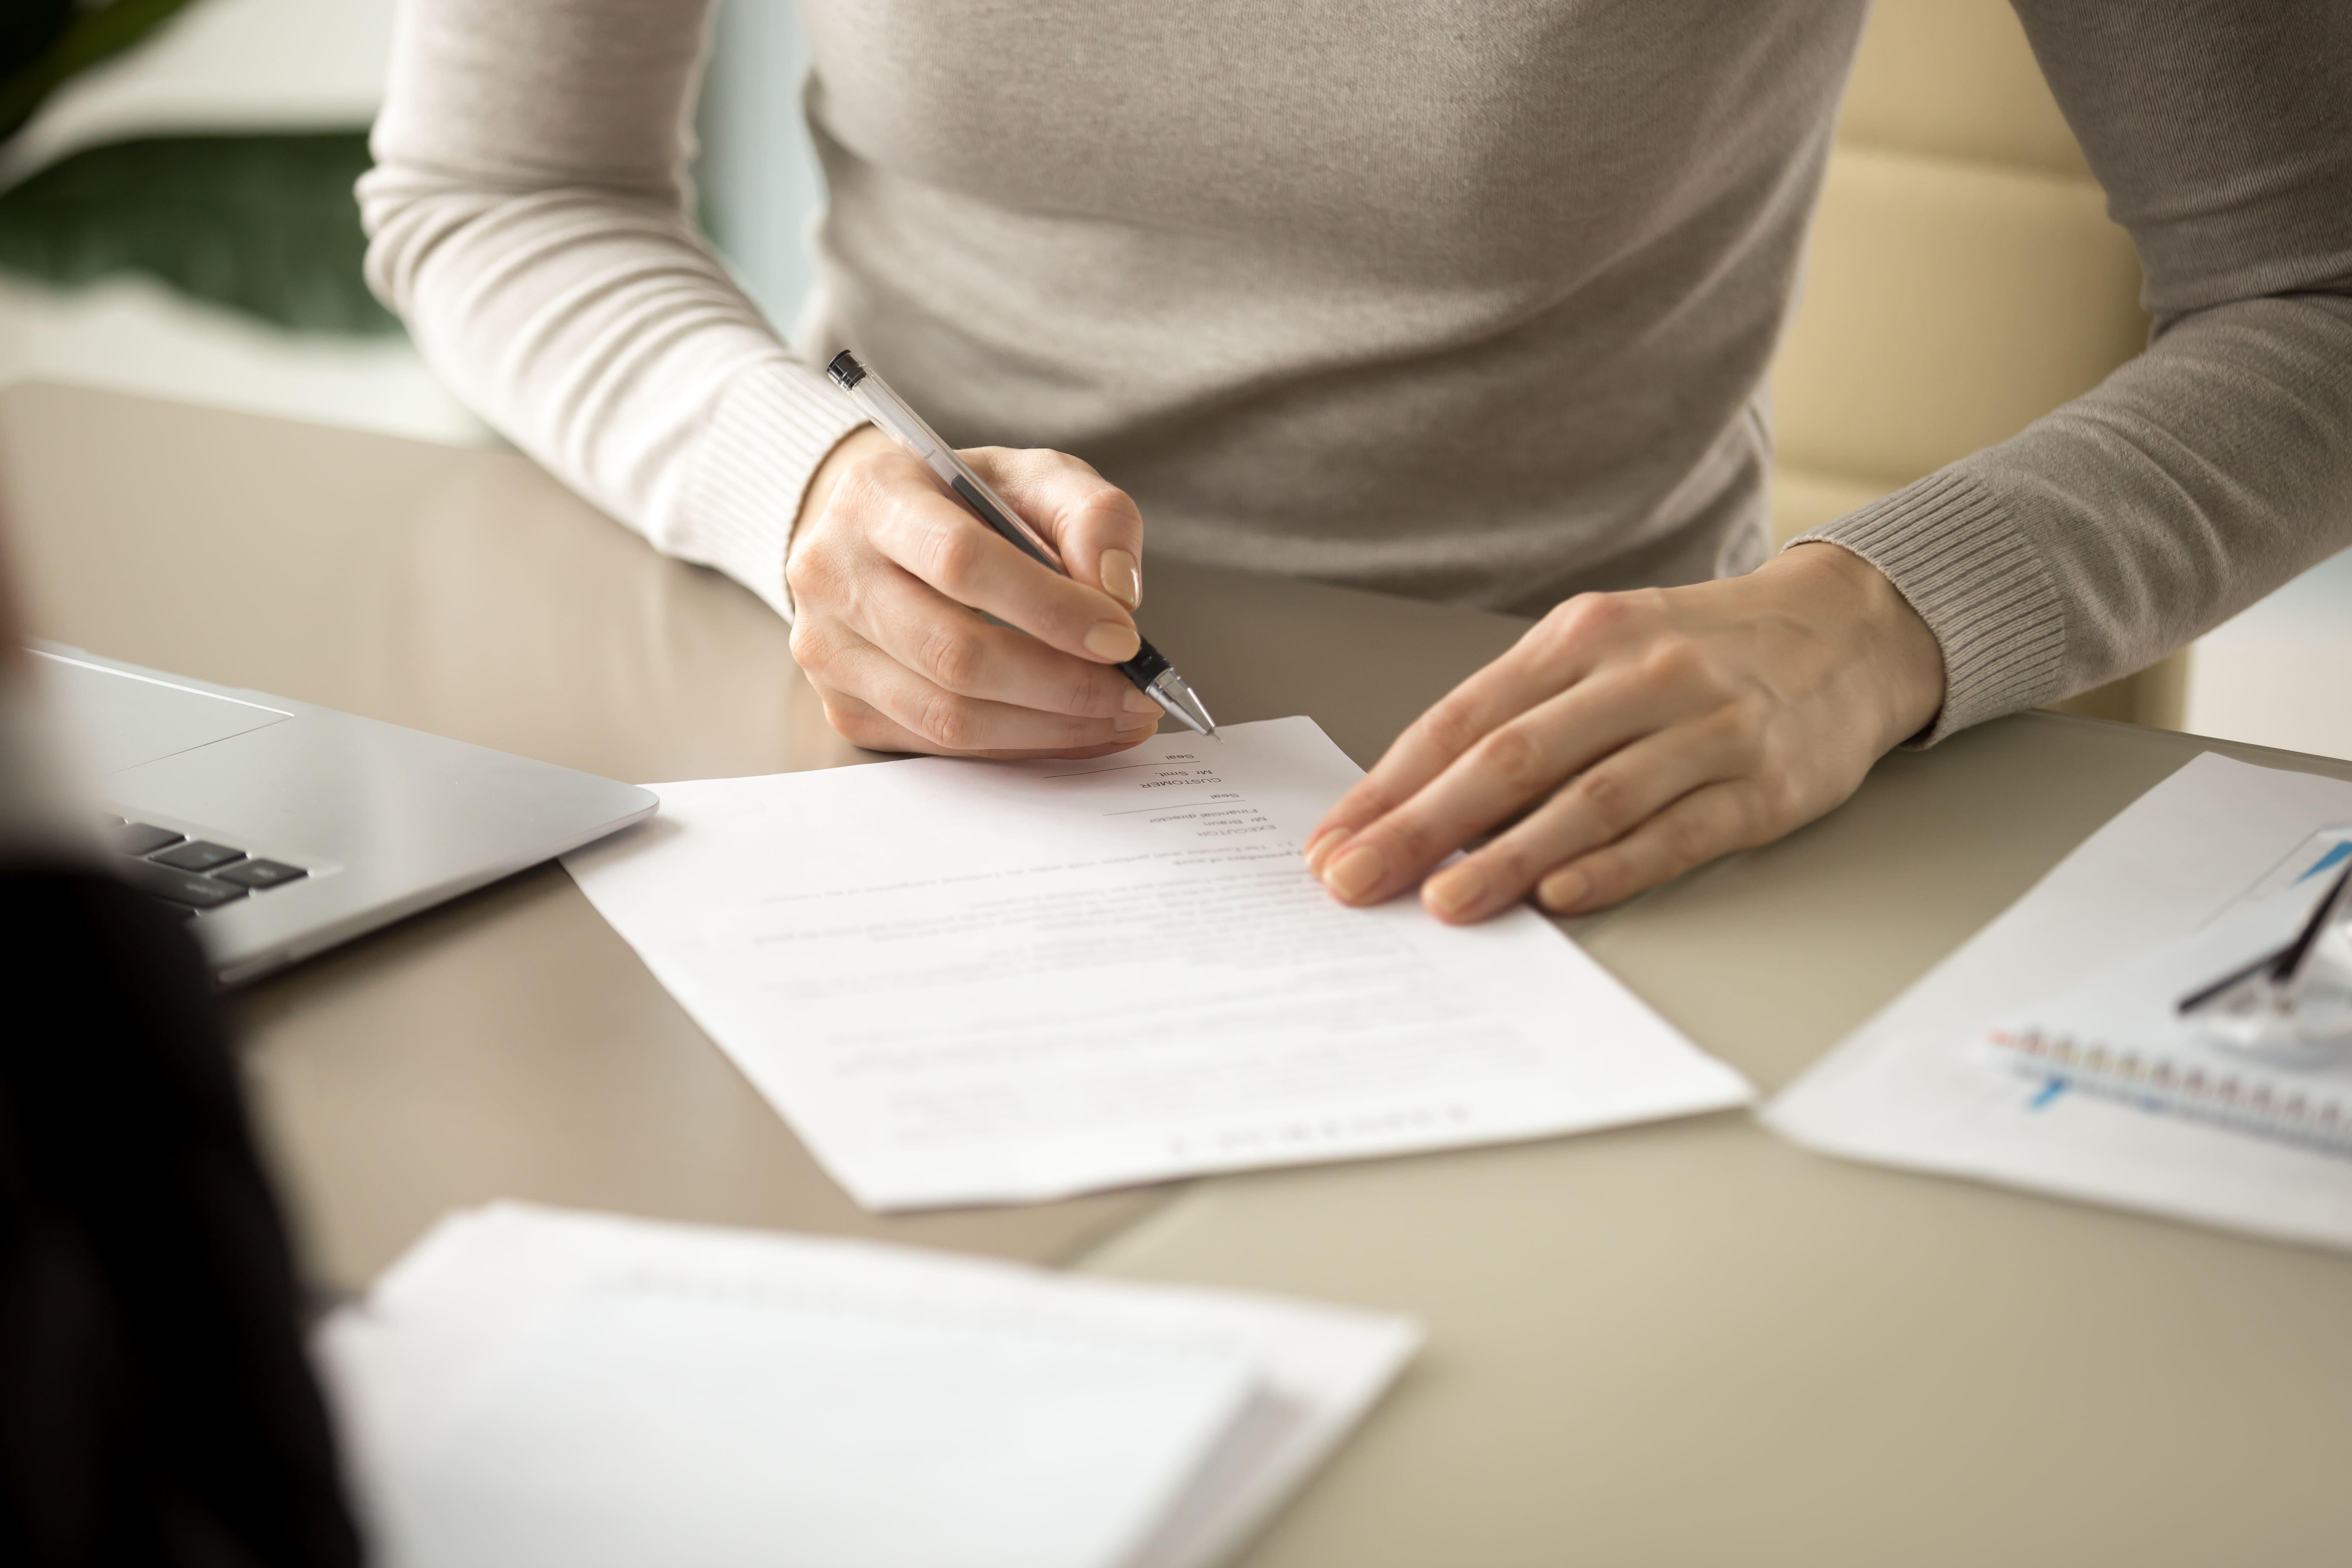 Imagem de um empreendedor assinando um distrato depois que ele decidiu encerrar uma empresa